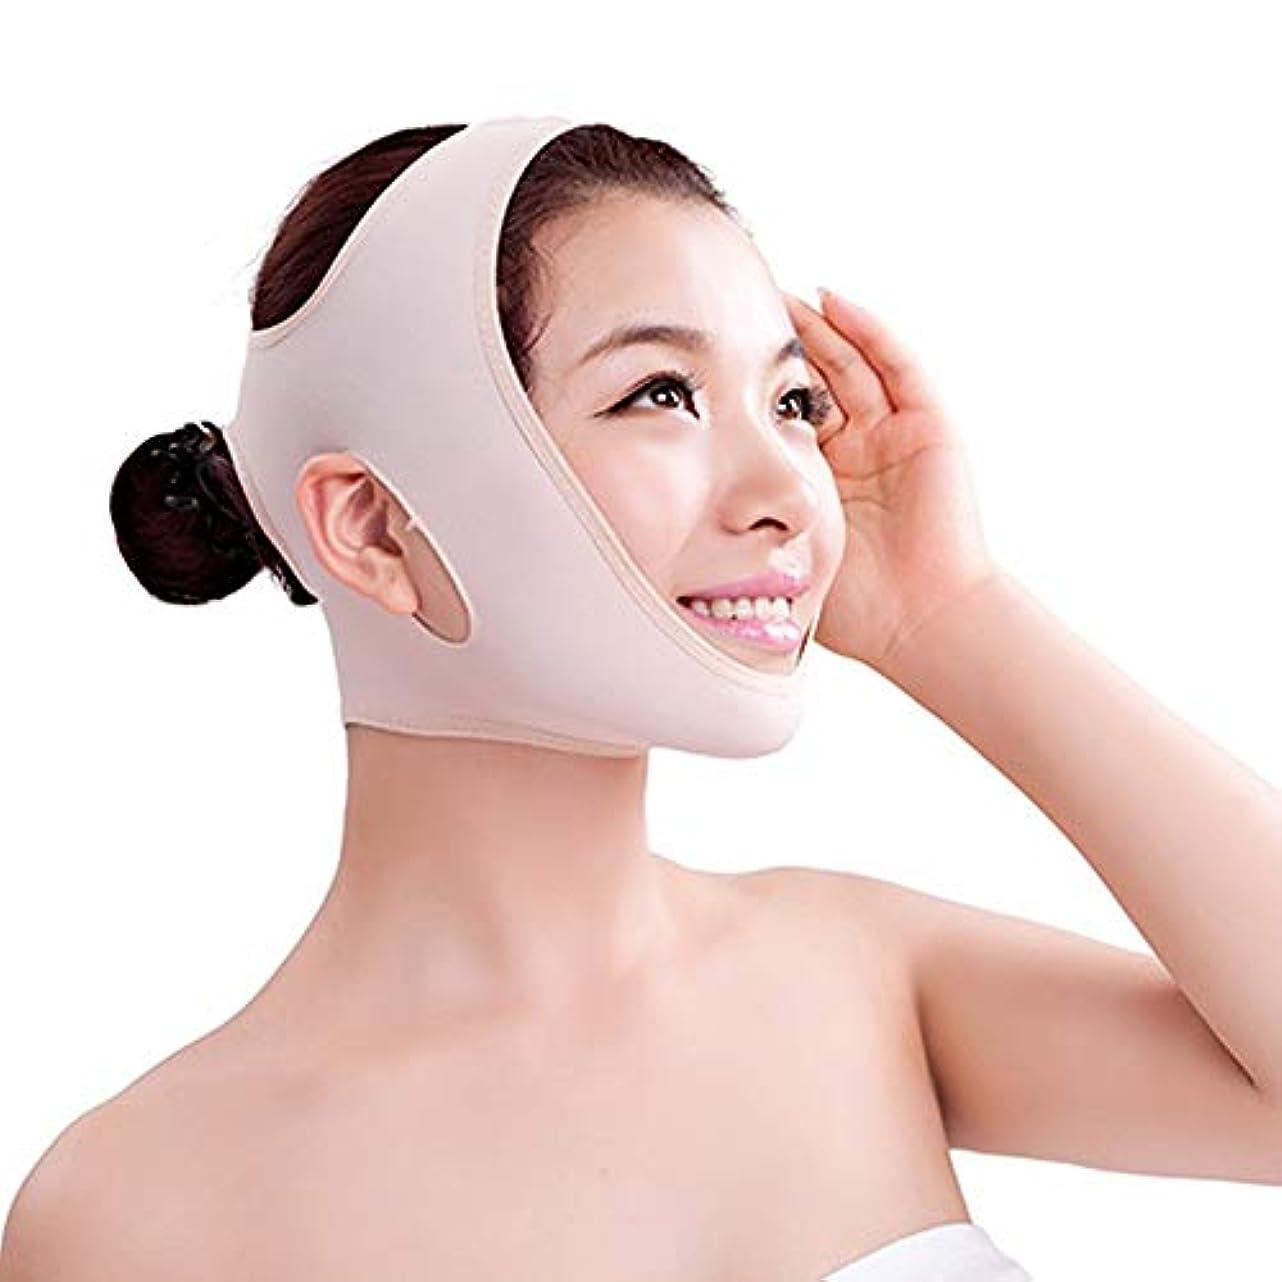 練習ヤングイサカフェイスリフティングベルト、フェイスリフティング包帯顔の形をしたV字型包帯通気性を防ぎ、頬のたるみを防ぎます二重あごのアンチエイジング (Color : Beige, Size : S)